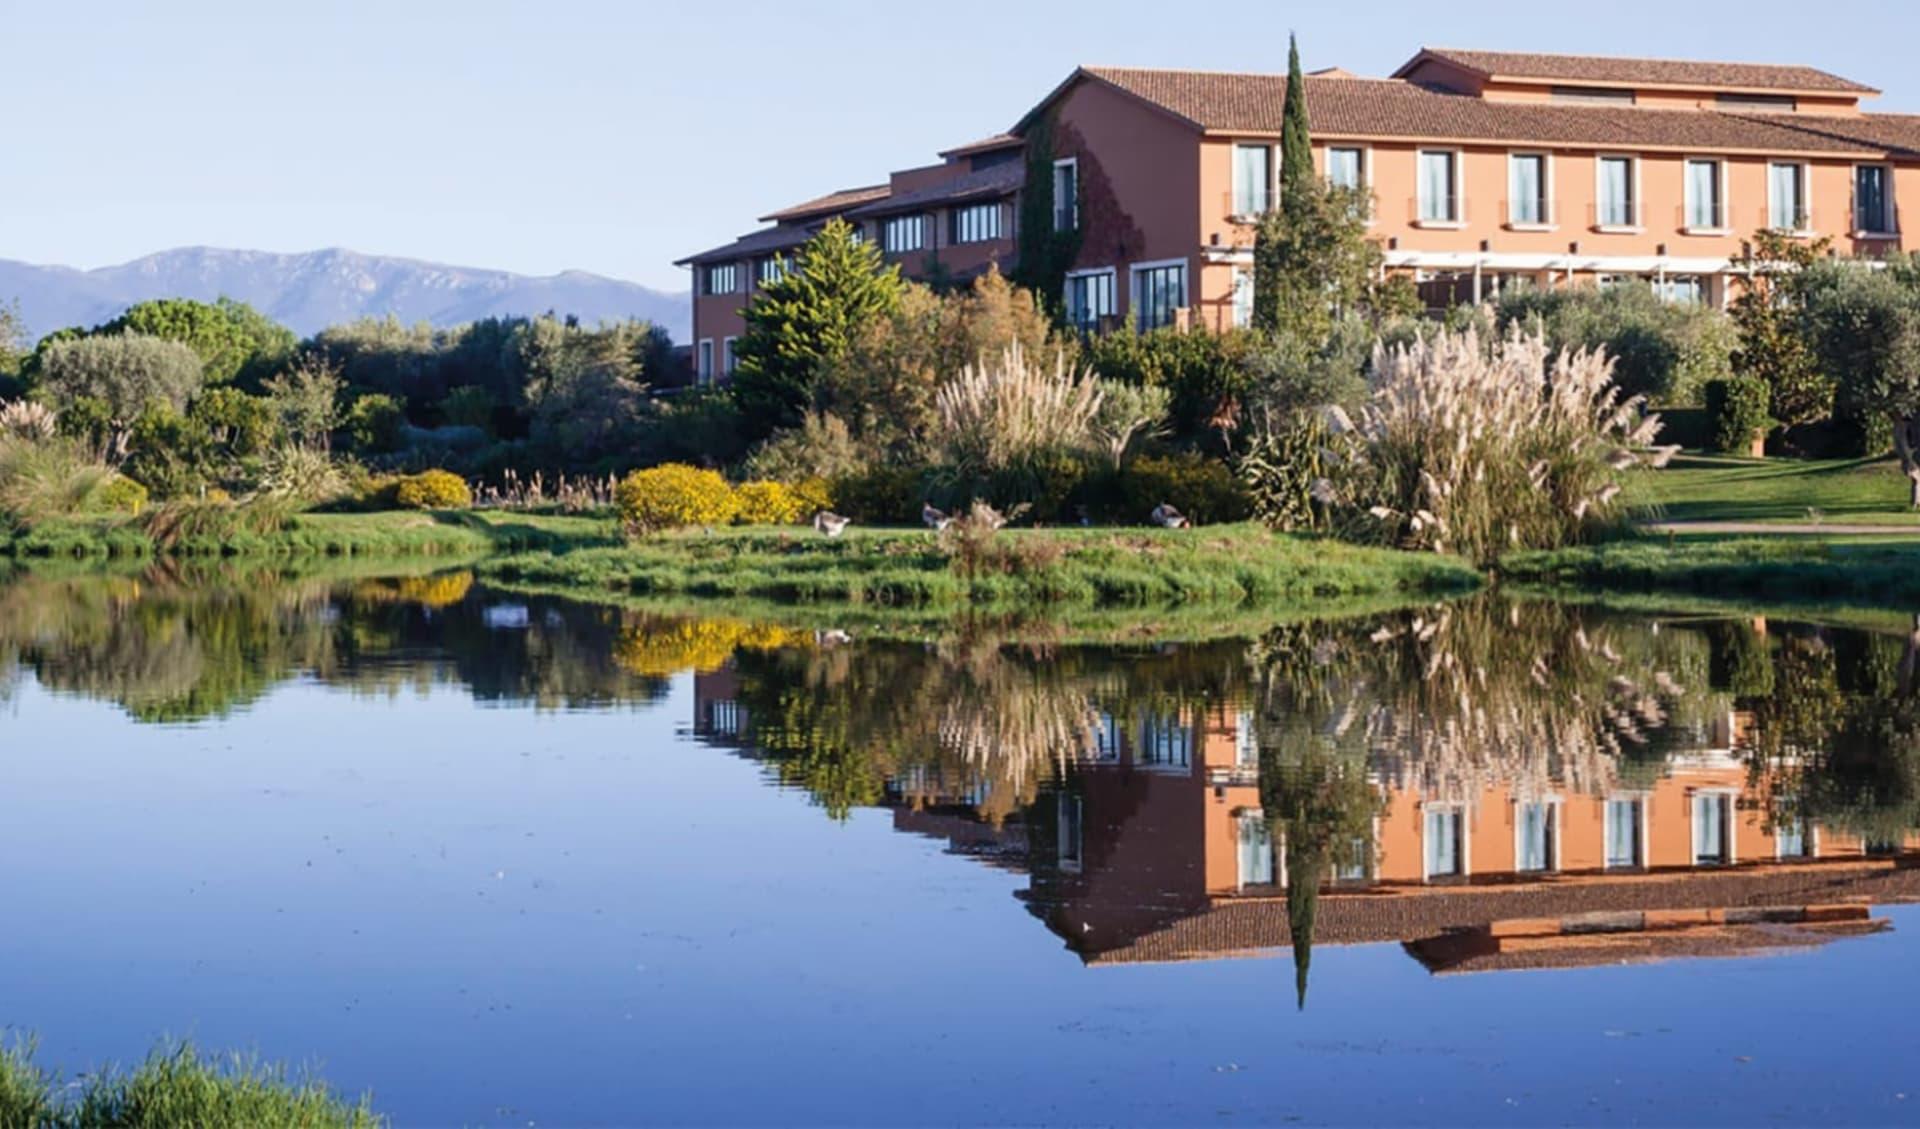 16.10. - 23.10.2021 Golf Trainingswoche an der Costa Brava (nur noch Warteliste möglich) ab Barcelona: Peralada Resort